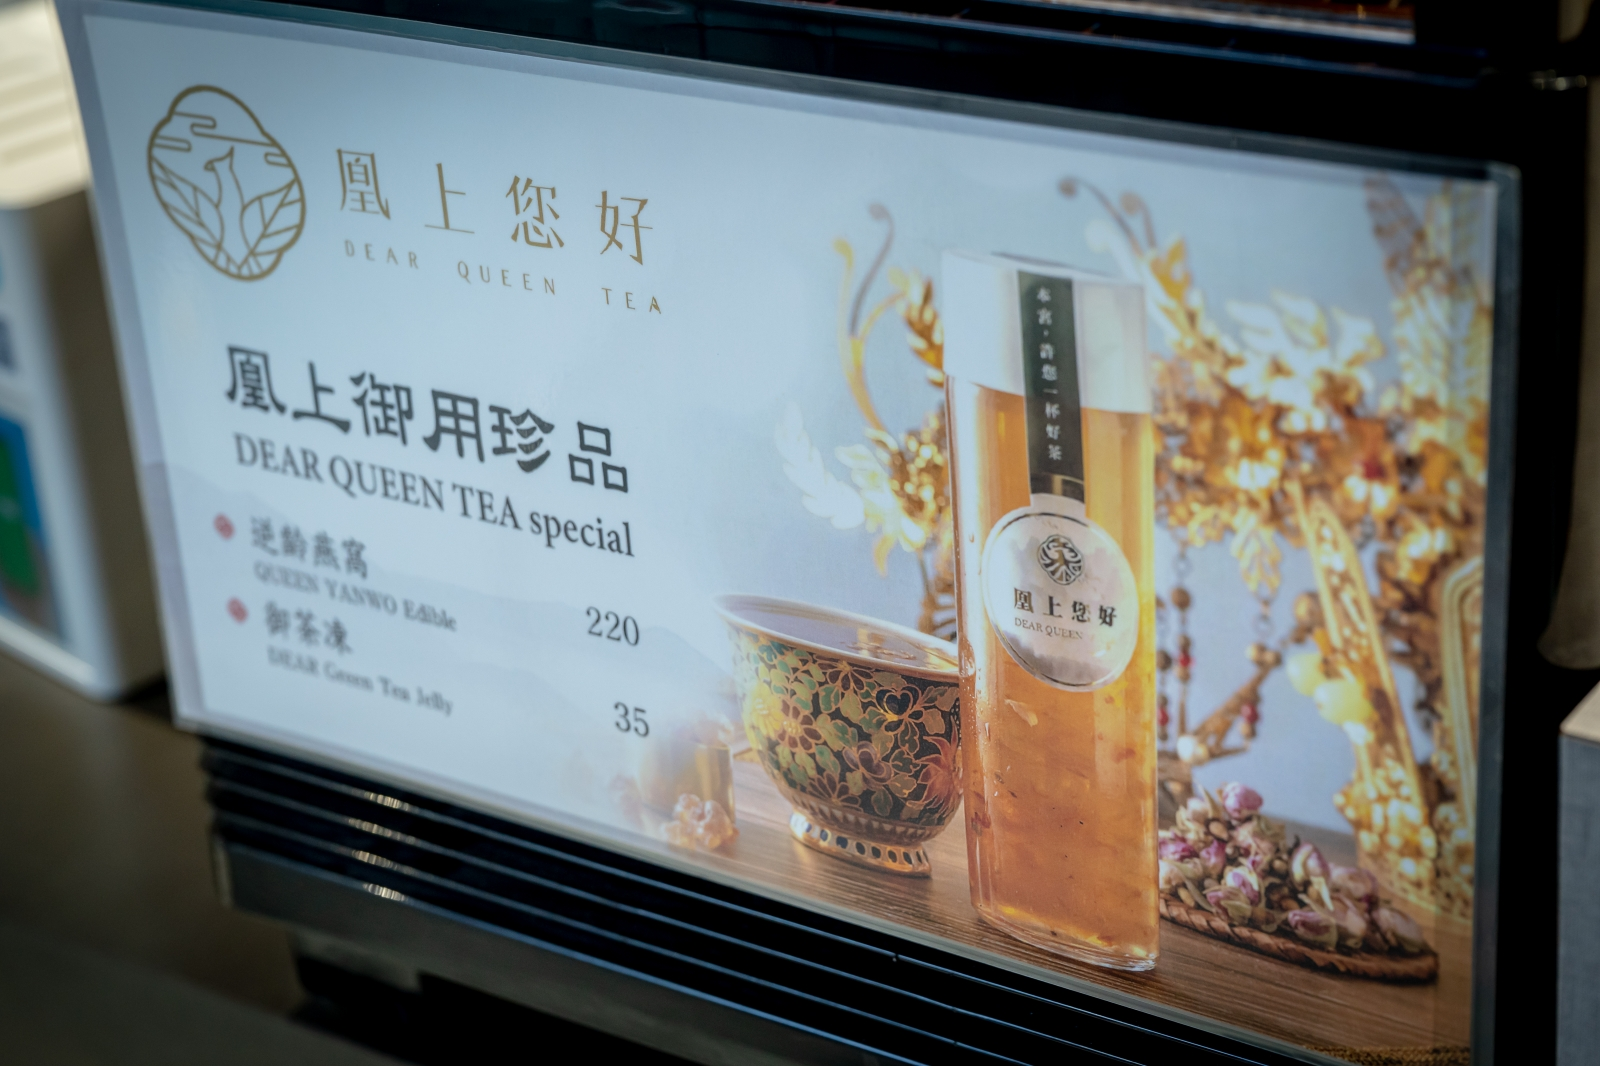 凰上您好(永吉店)本宮,許你一杯好茶|頂級茶品一喝就上癮、霸氣燕窩養顏美容膠質多多|捷運市府站美食